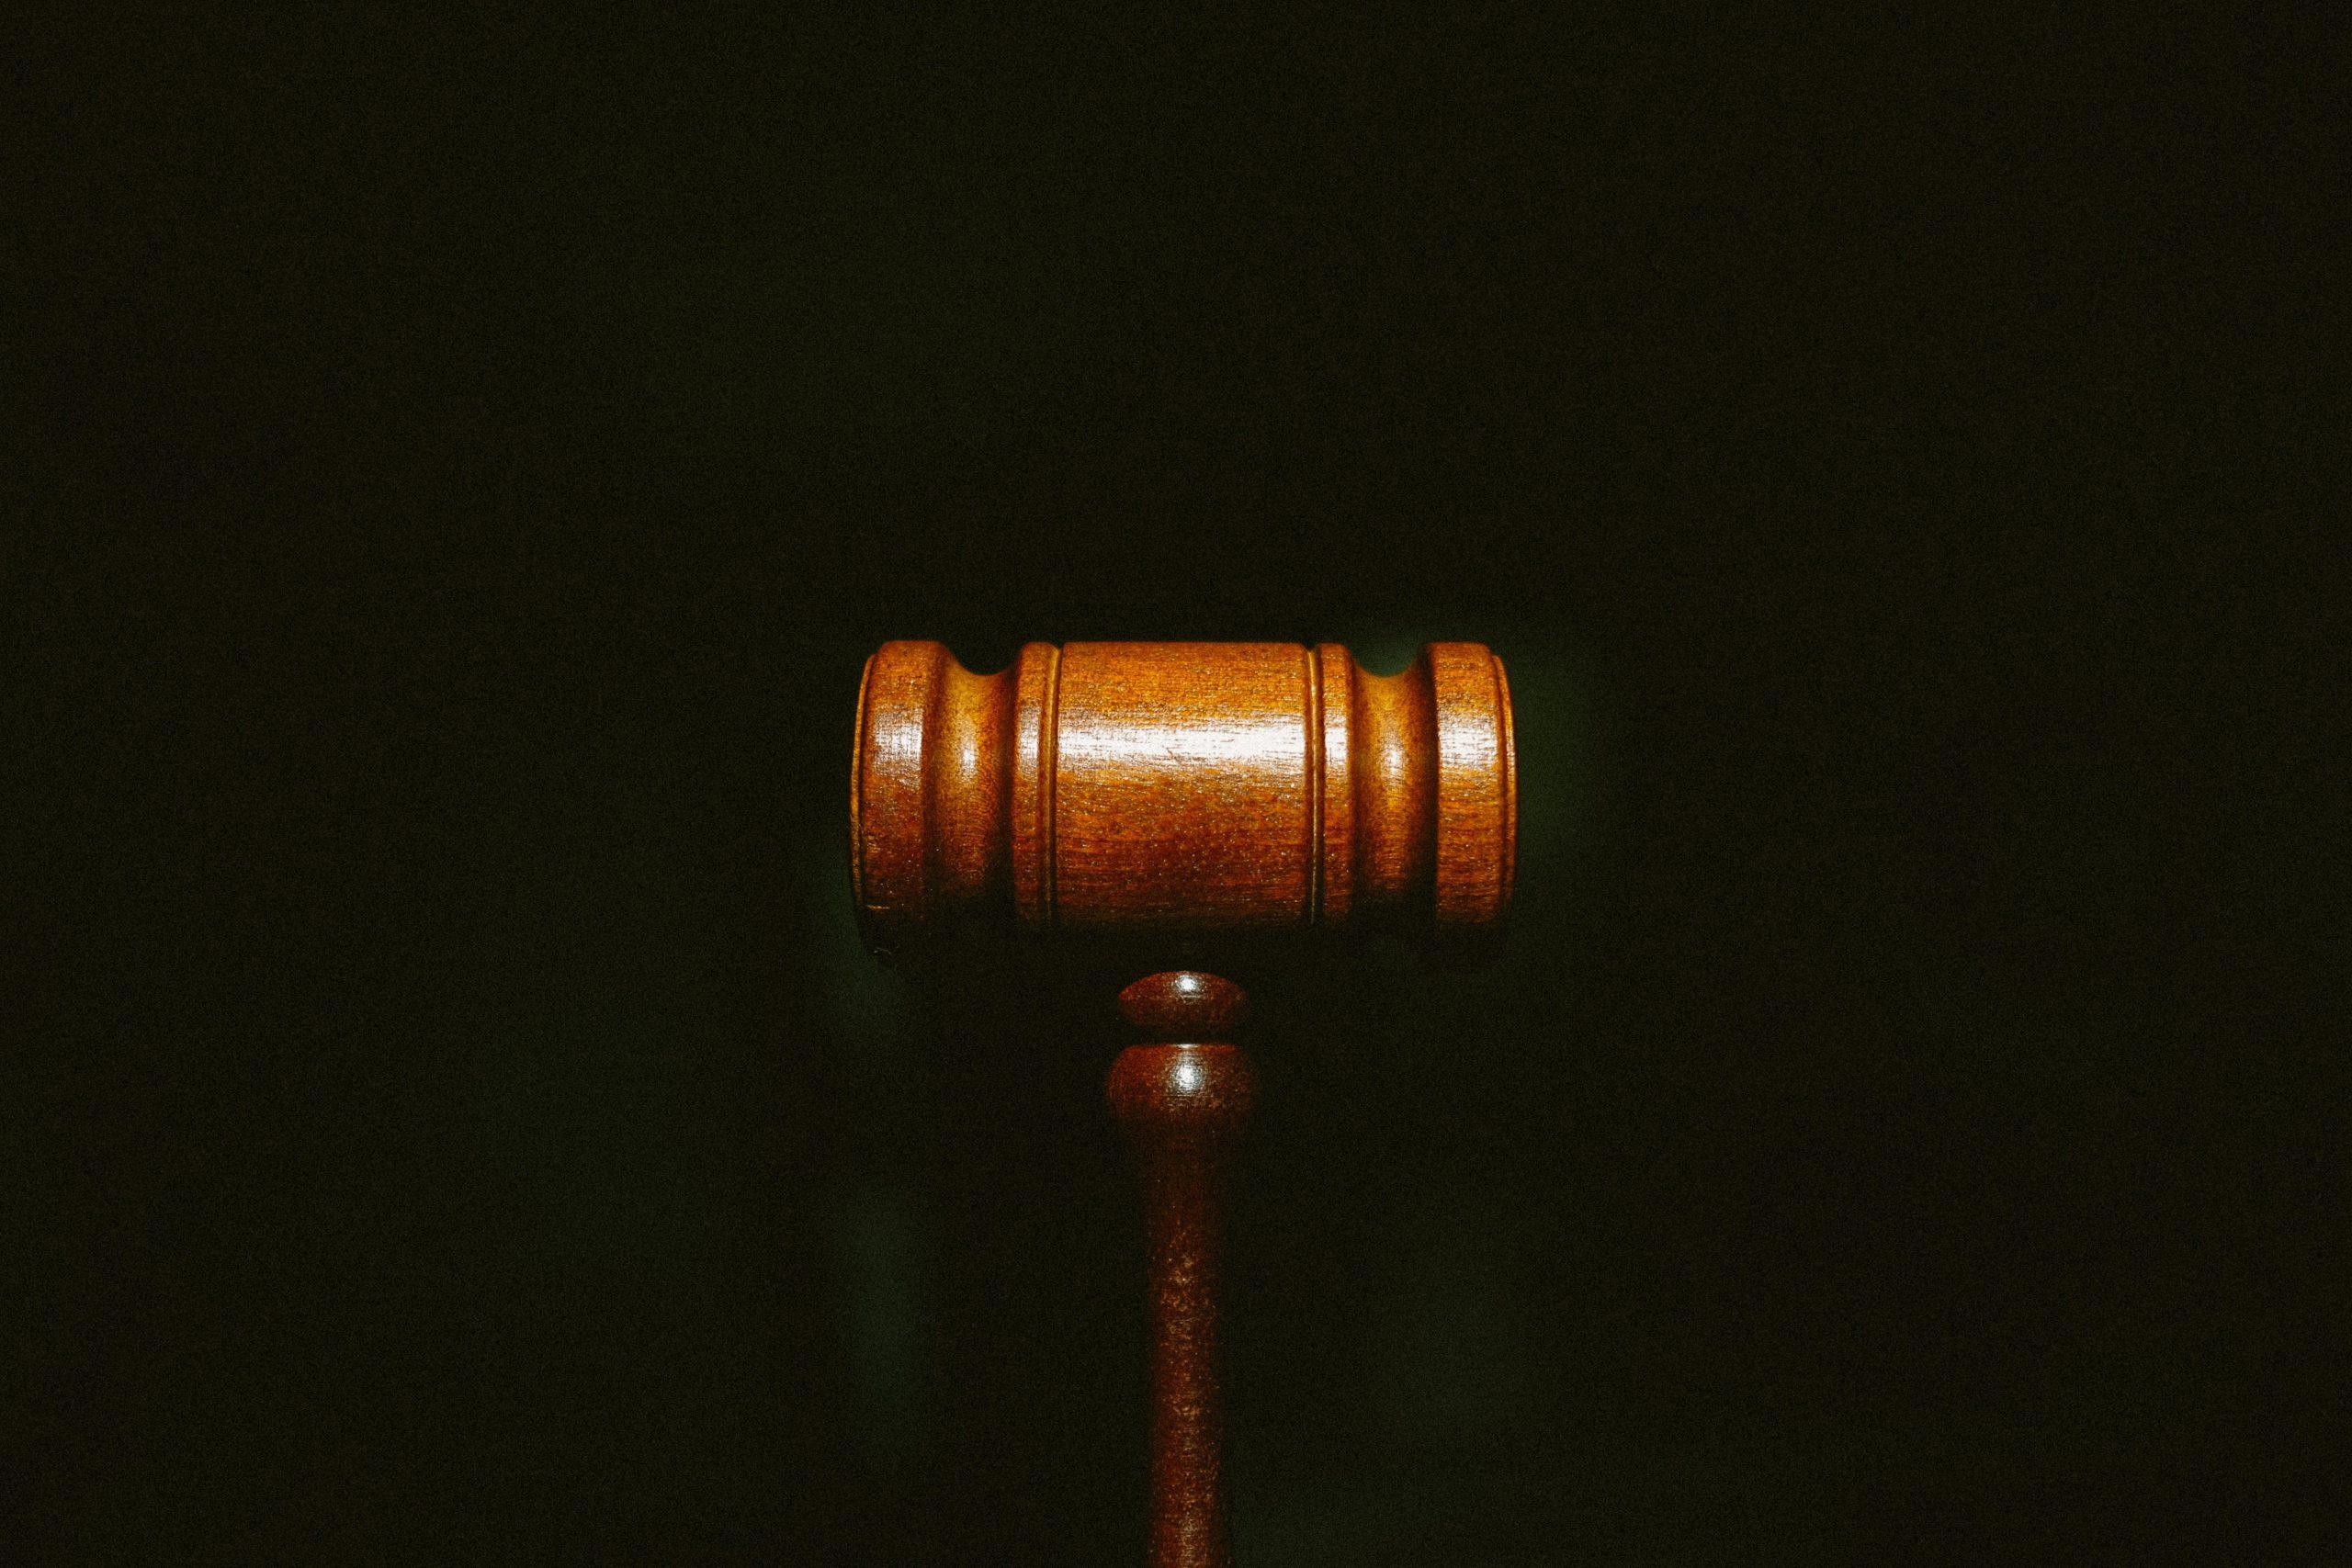 tingey-injury-law-firm-nSpj-Z12lX0-unsplash-scaled